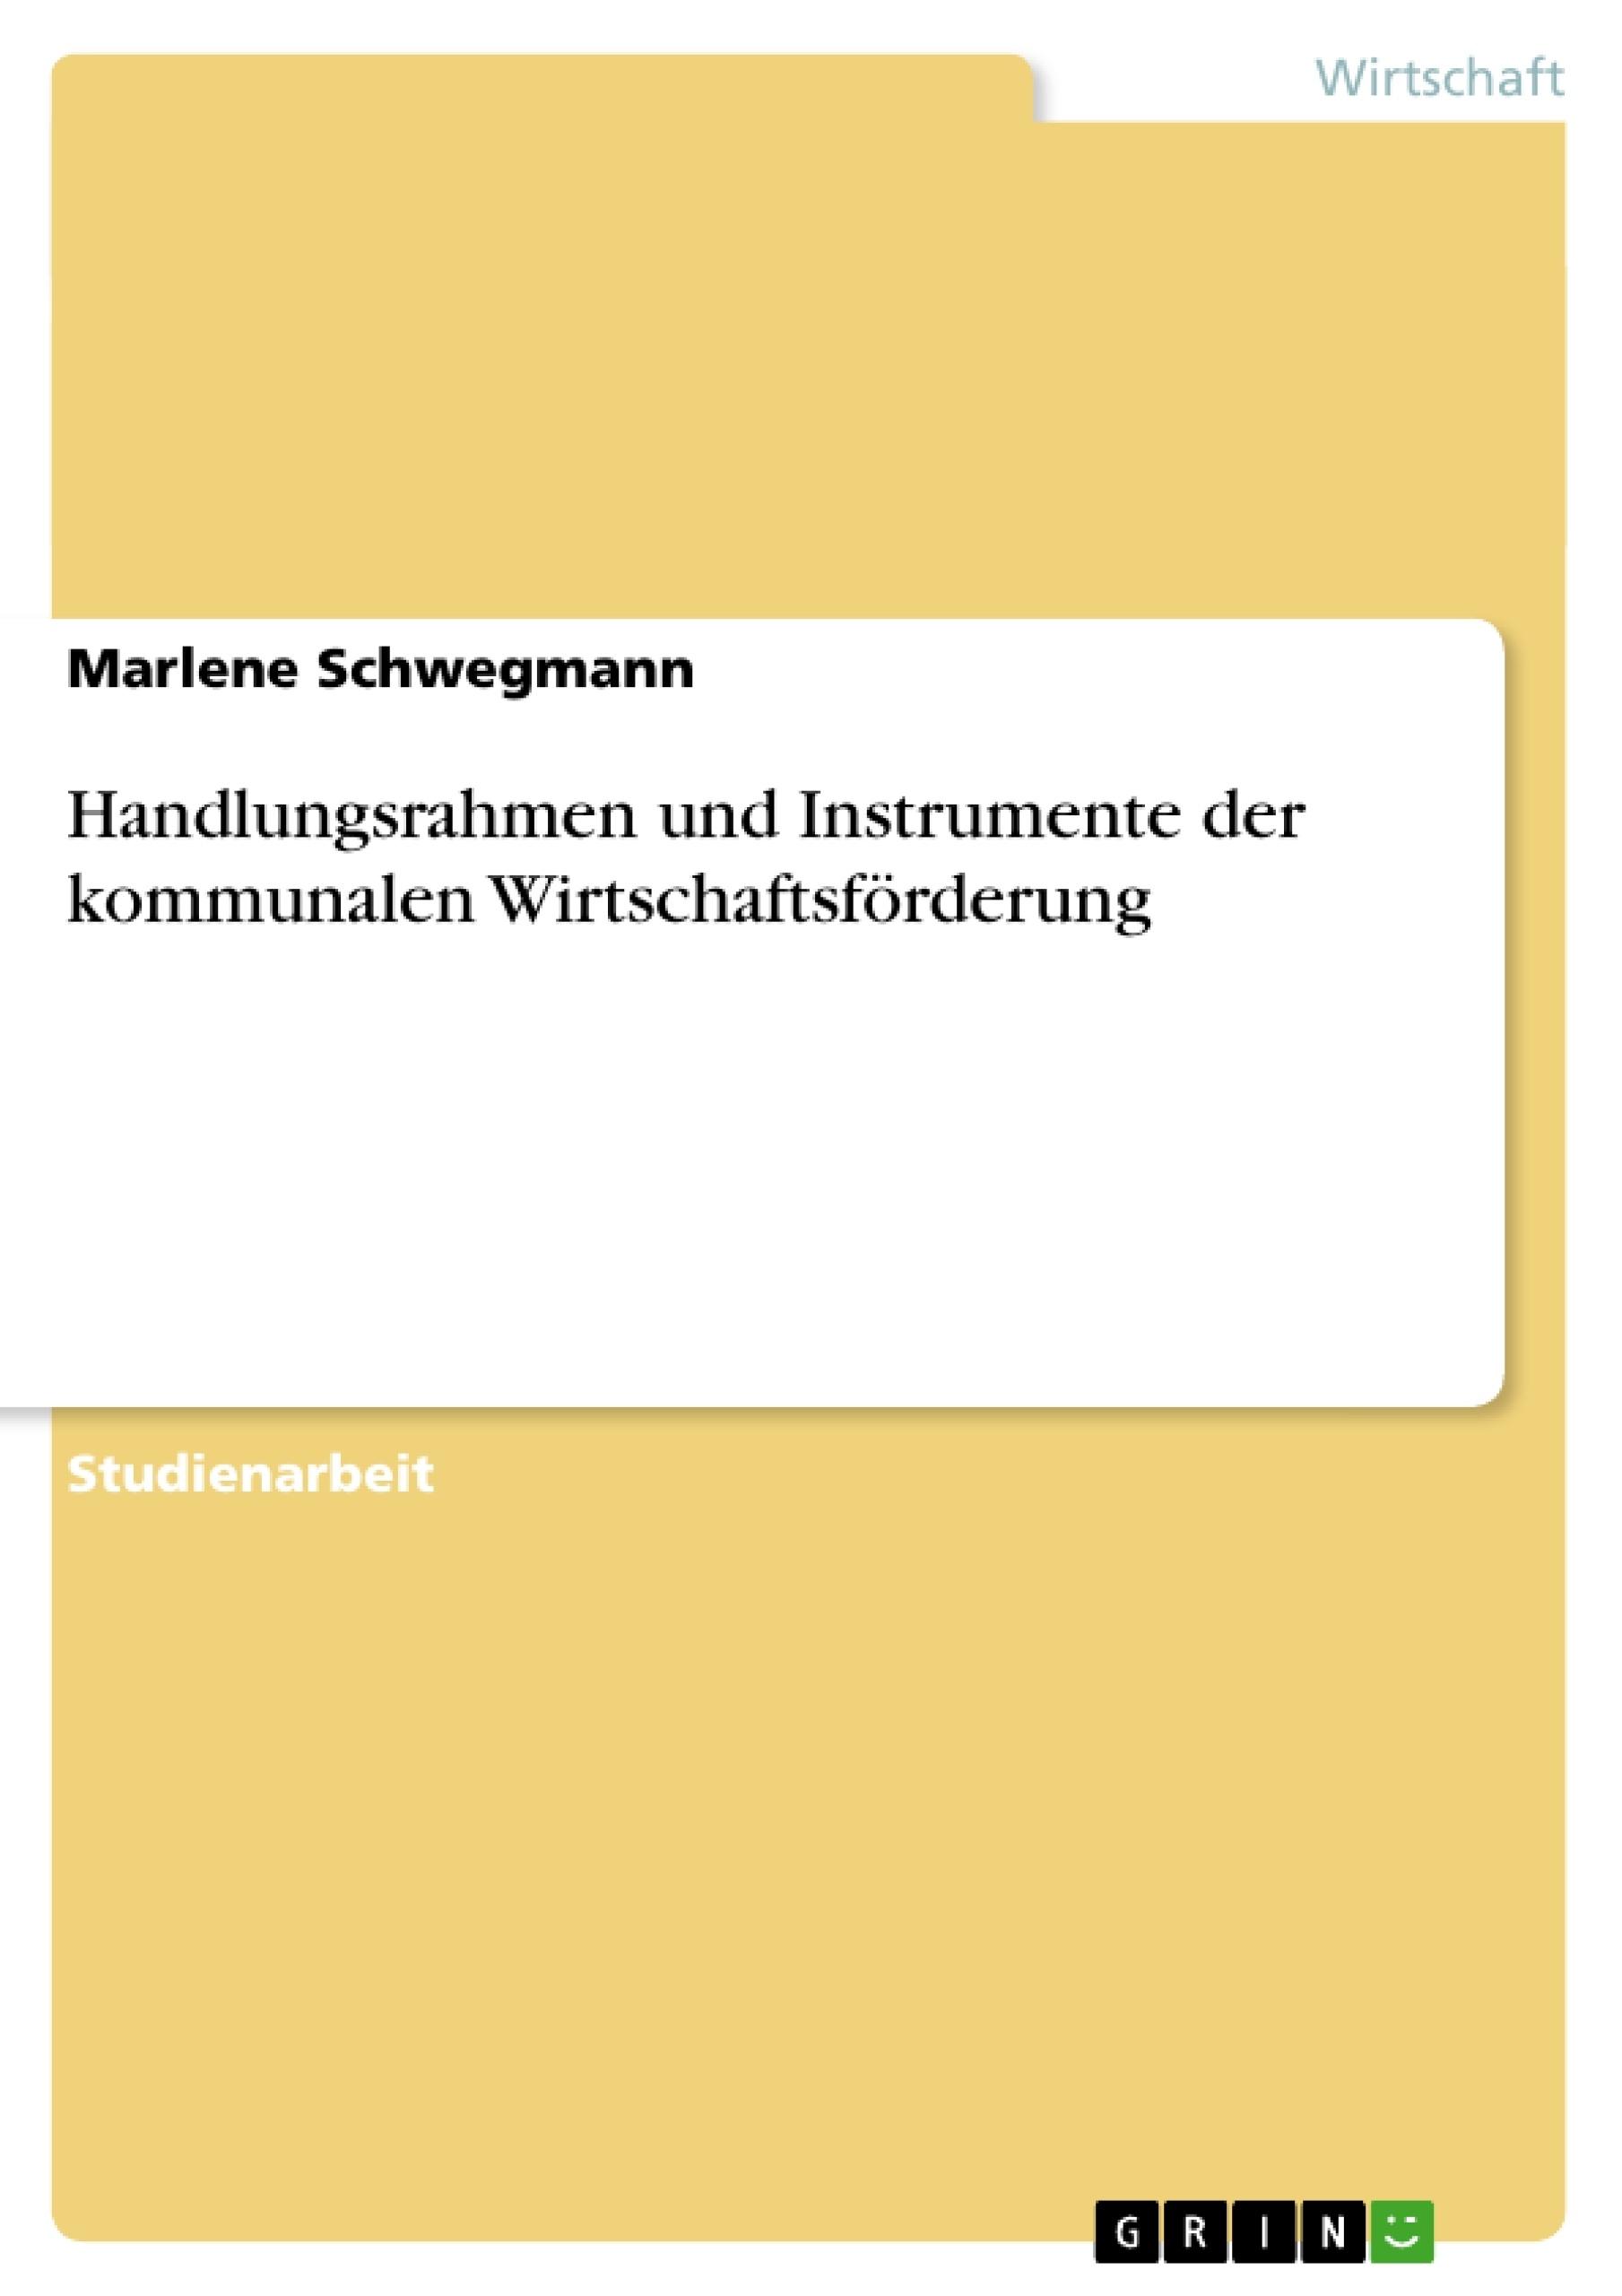 Titel: Handlungsrahmen und Instrumente der kommunalen Wirtschaftsförderung